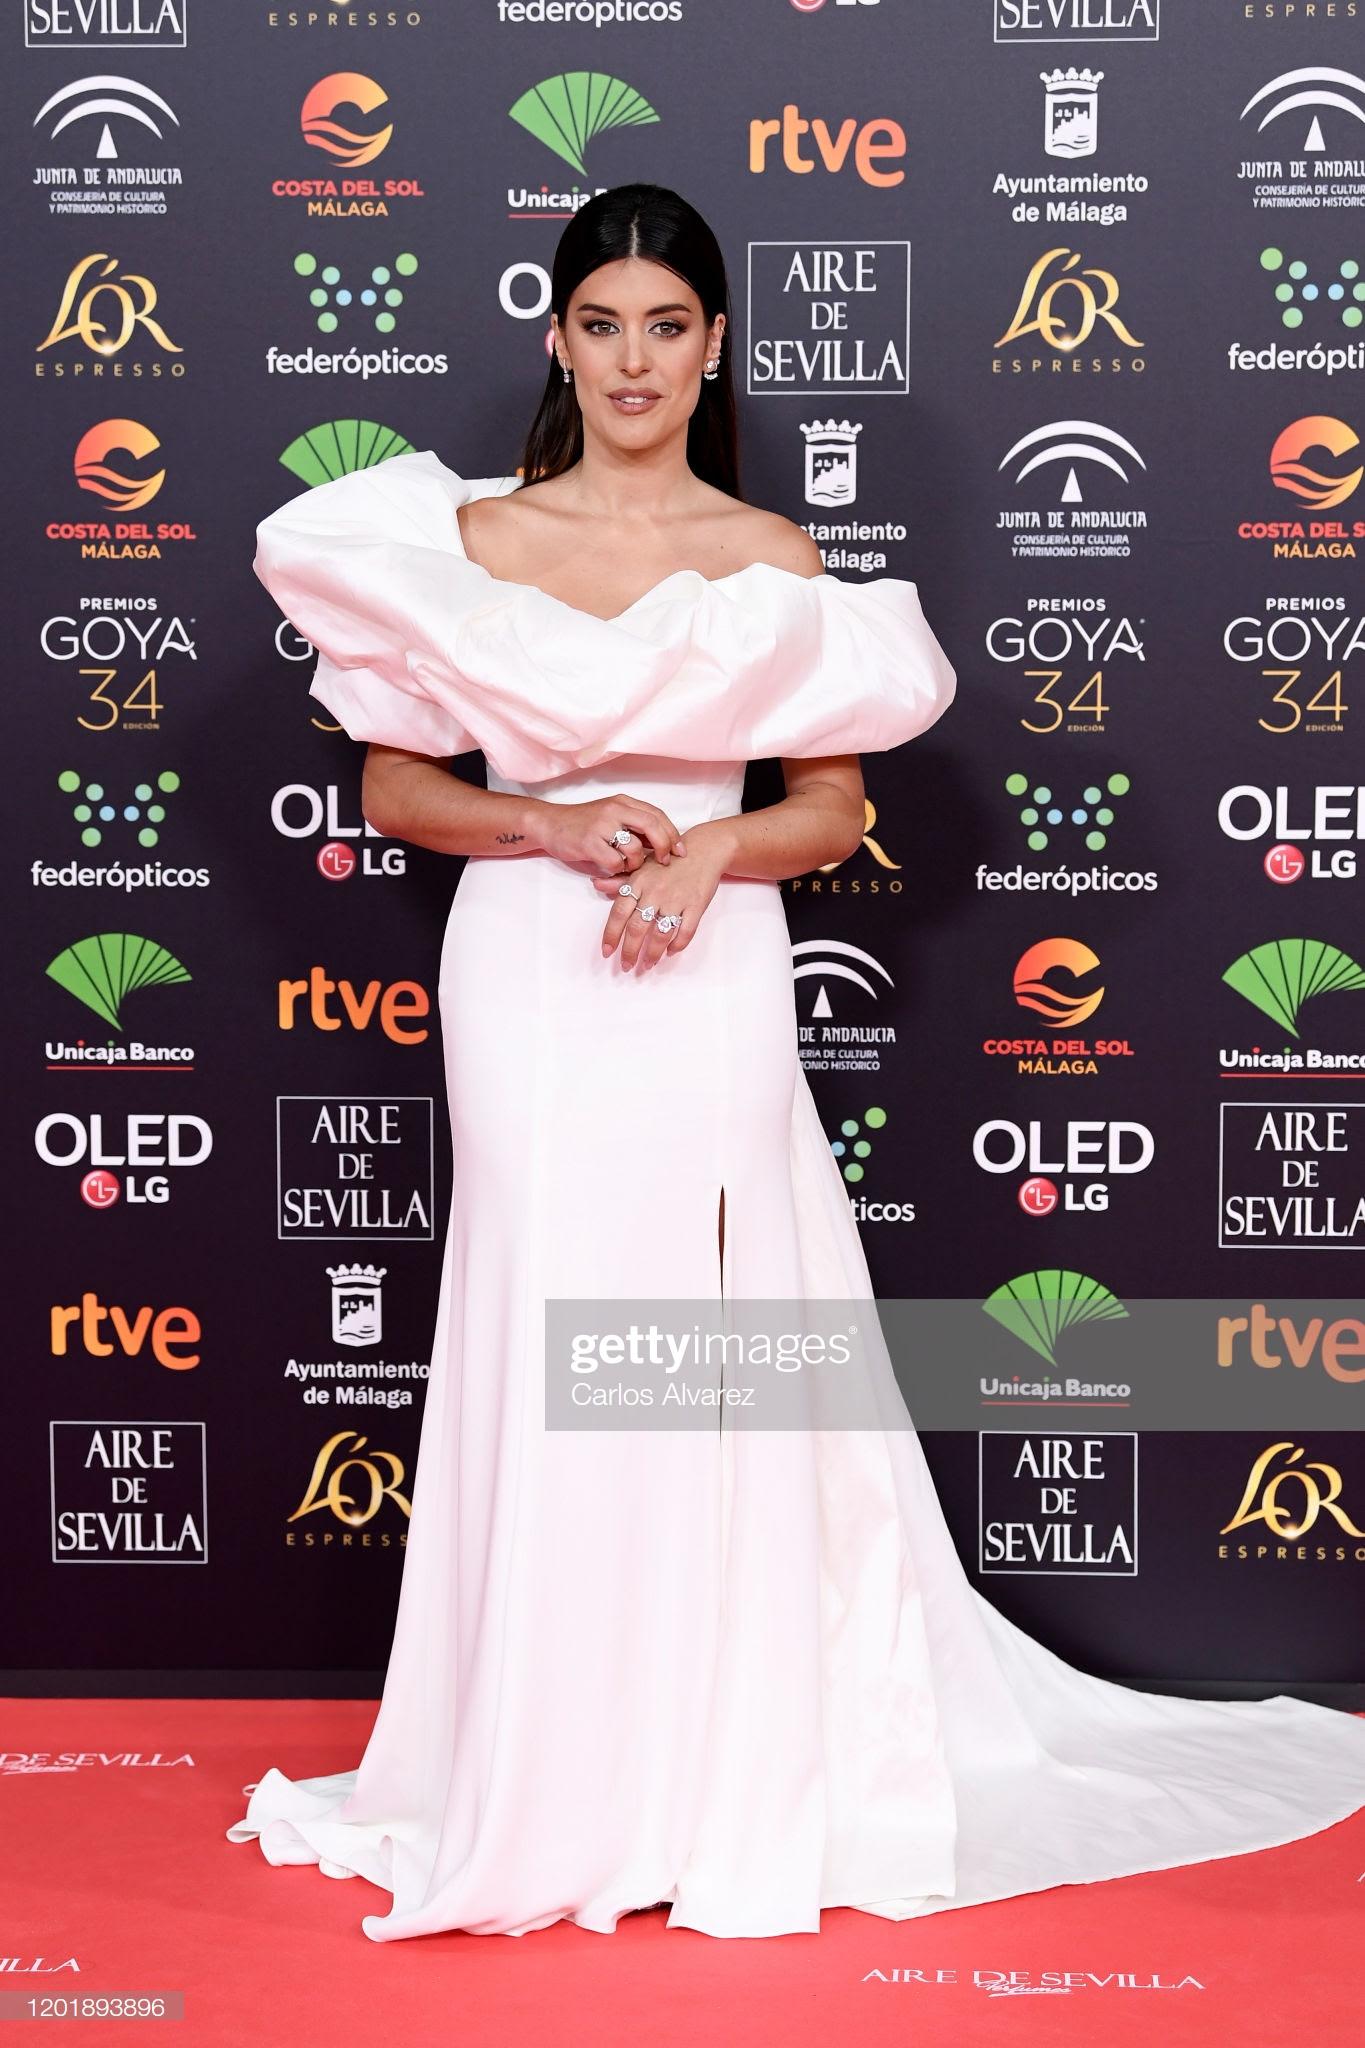 69dd54a2 29ab 4d9f 83f1 66e604663605 - Premios Goya 2020 : Looks de todas las celebrities que lucieron  marcas de Replica